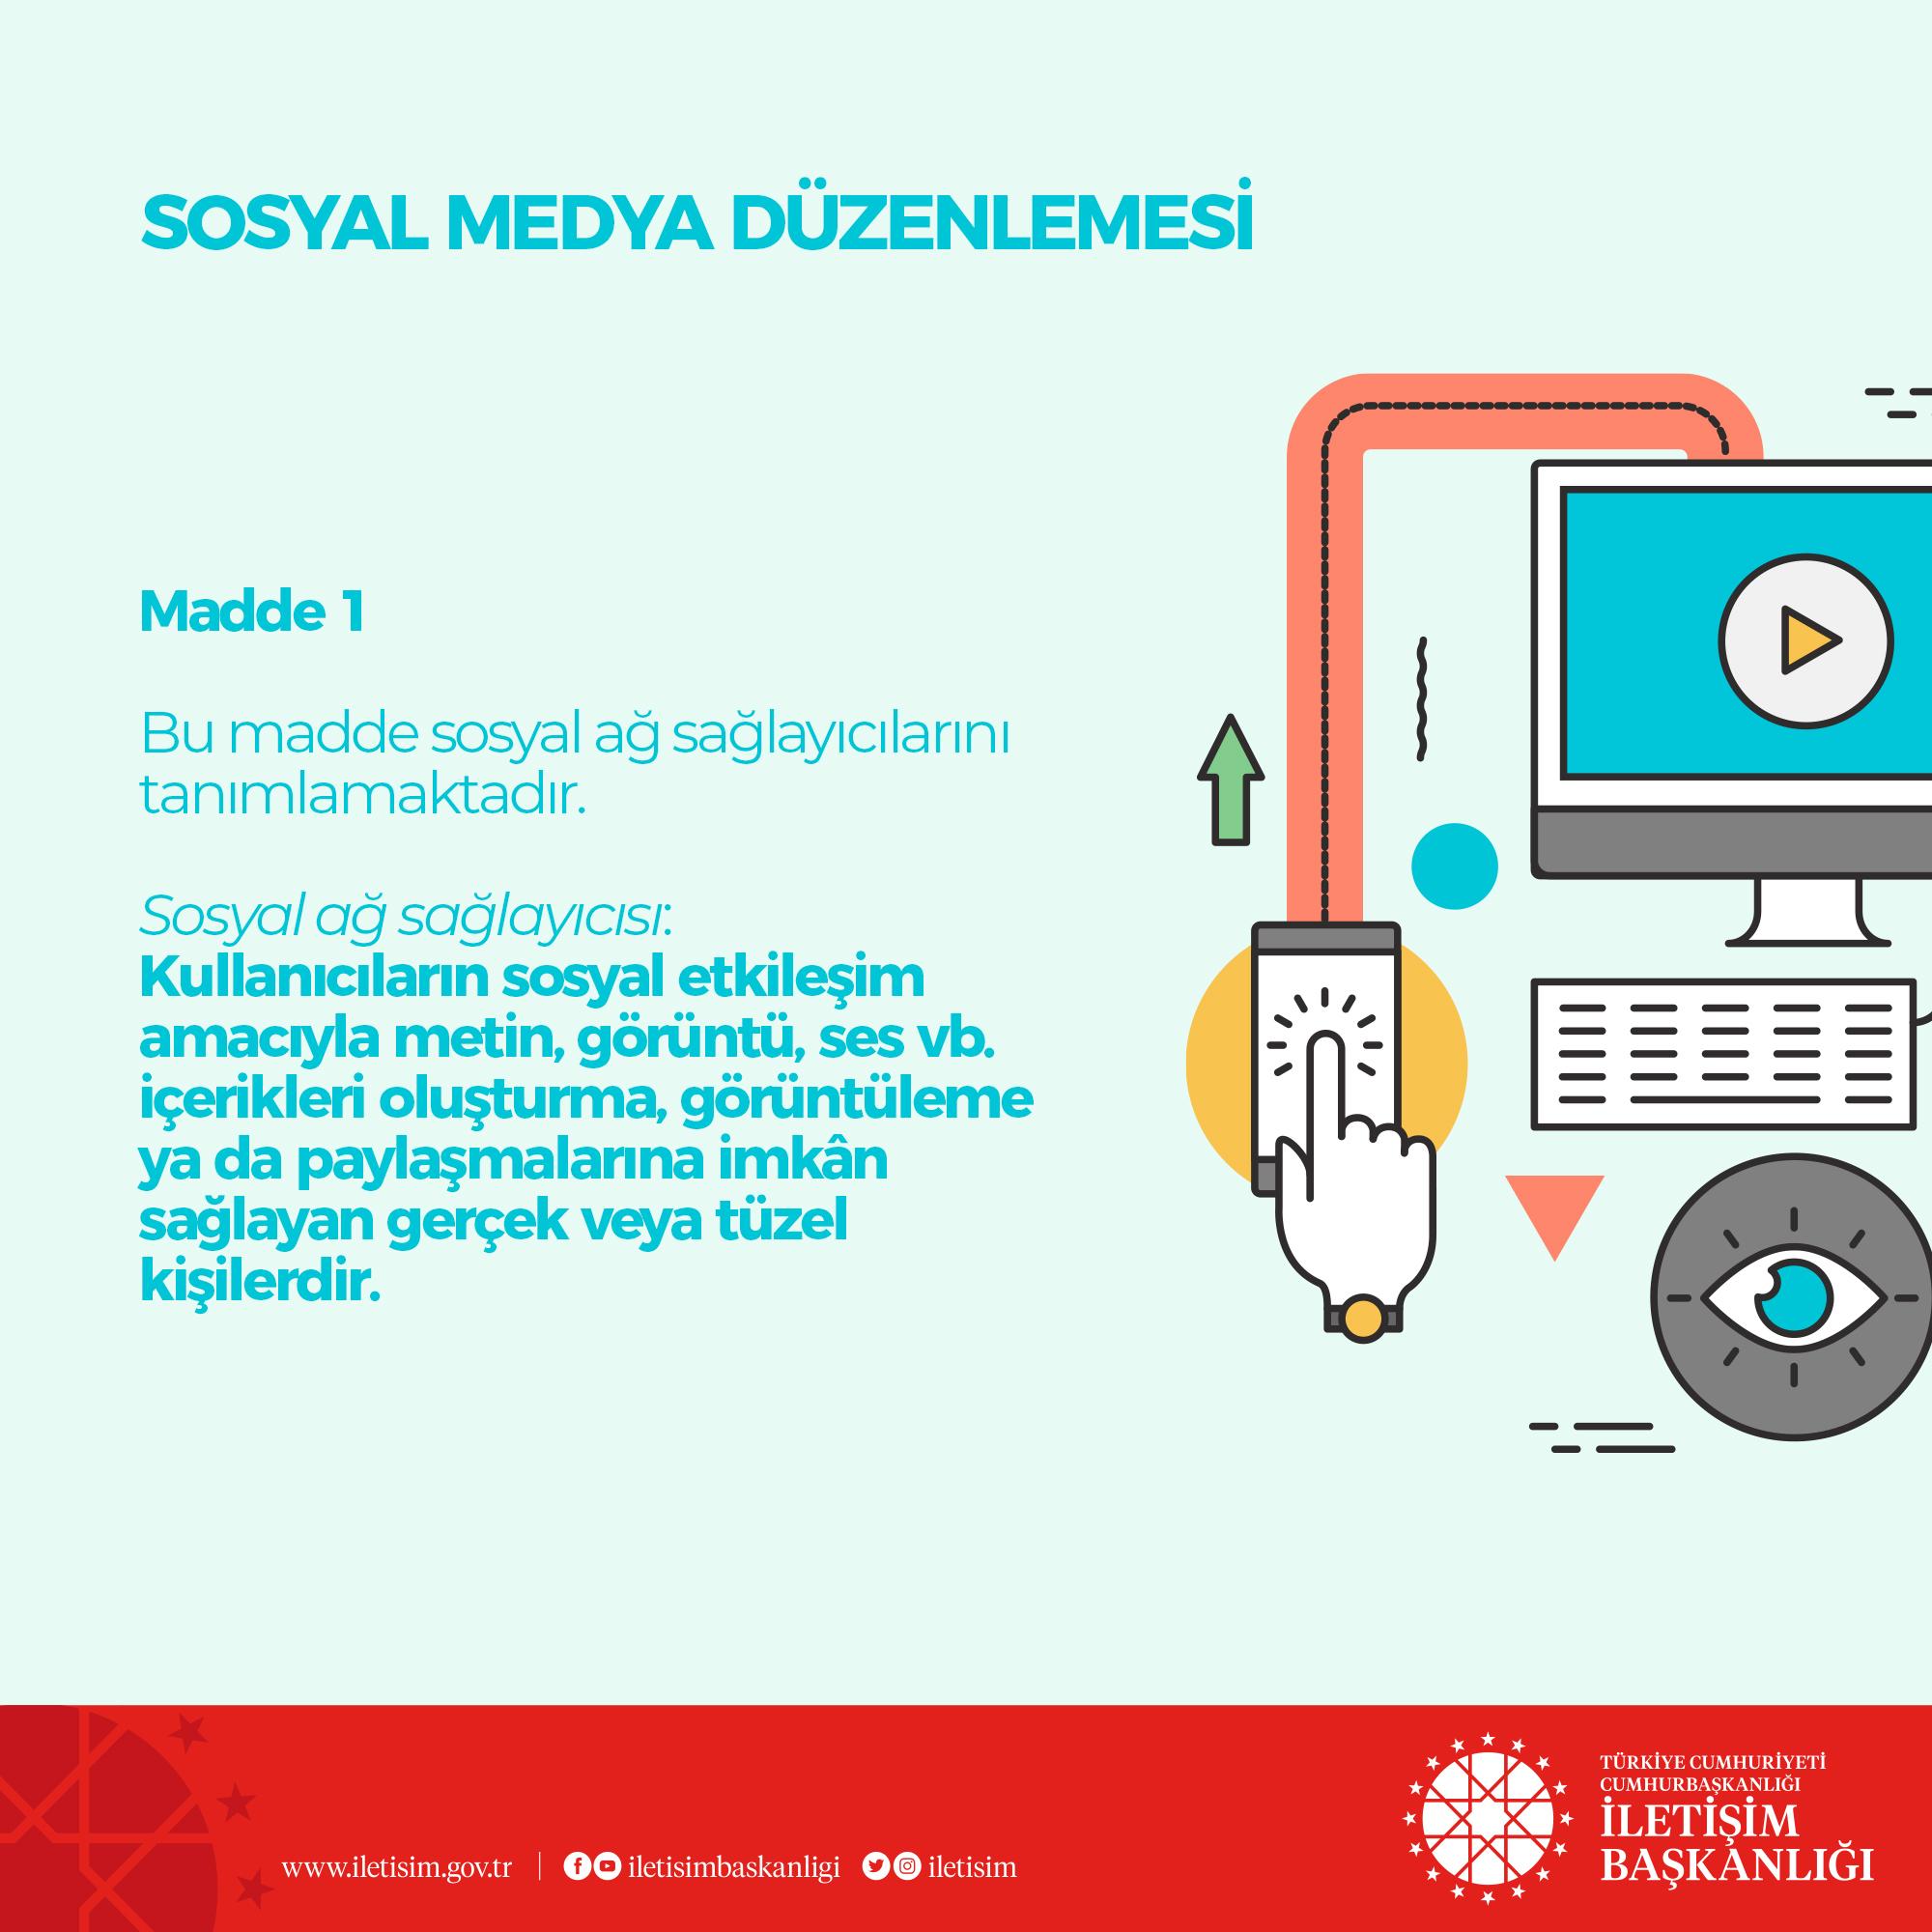 İletişim Başkanlığı, sosyal medya düzenlemesini anlattı #1